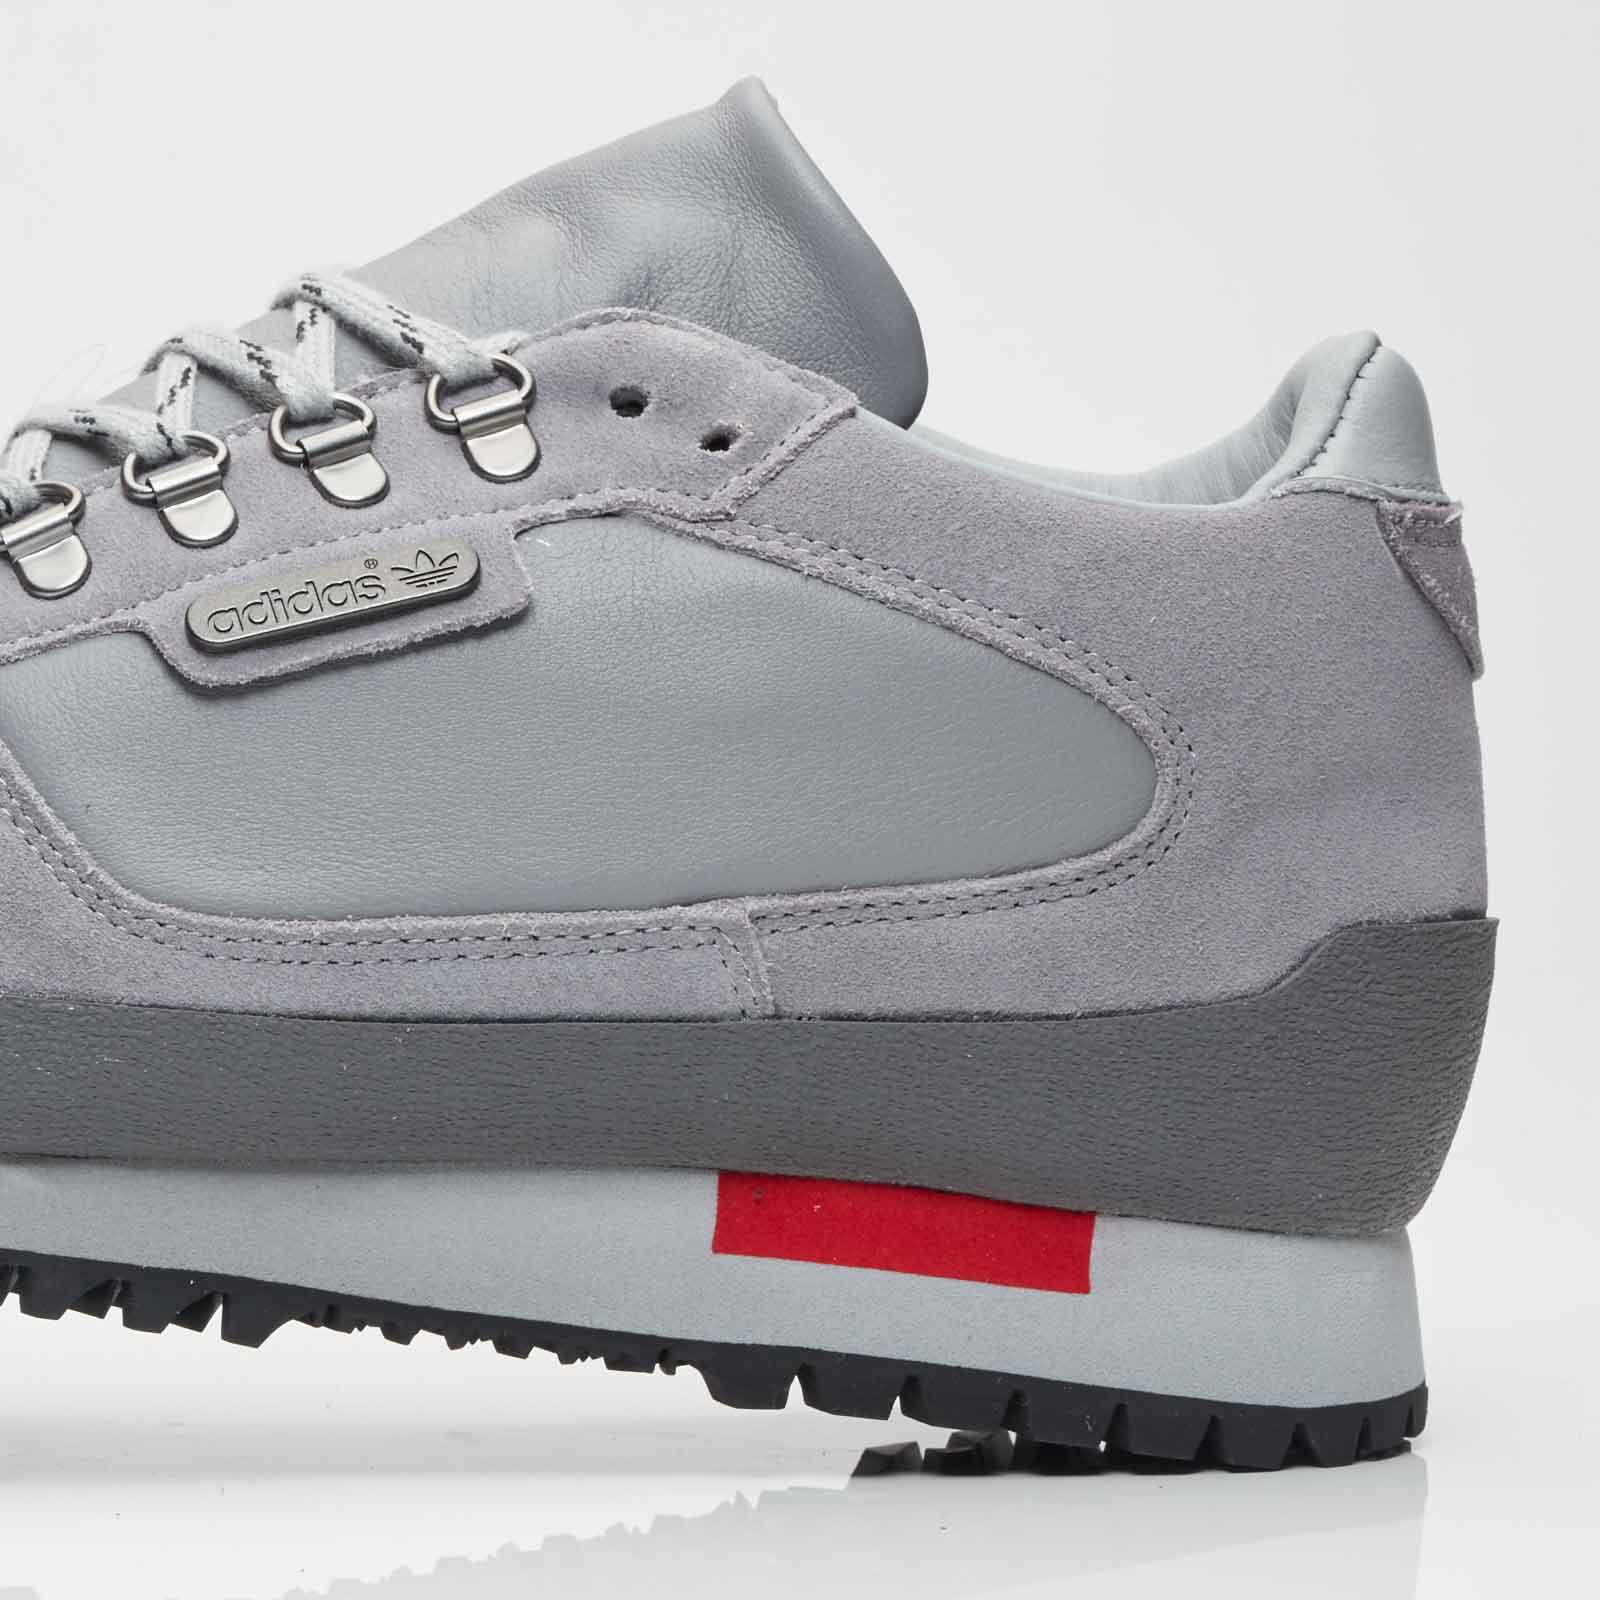 quality design bec88 03e1f adidas Originals Spezial Winterhill SPEZIAL - 7. Close